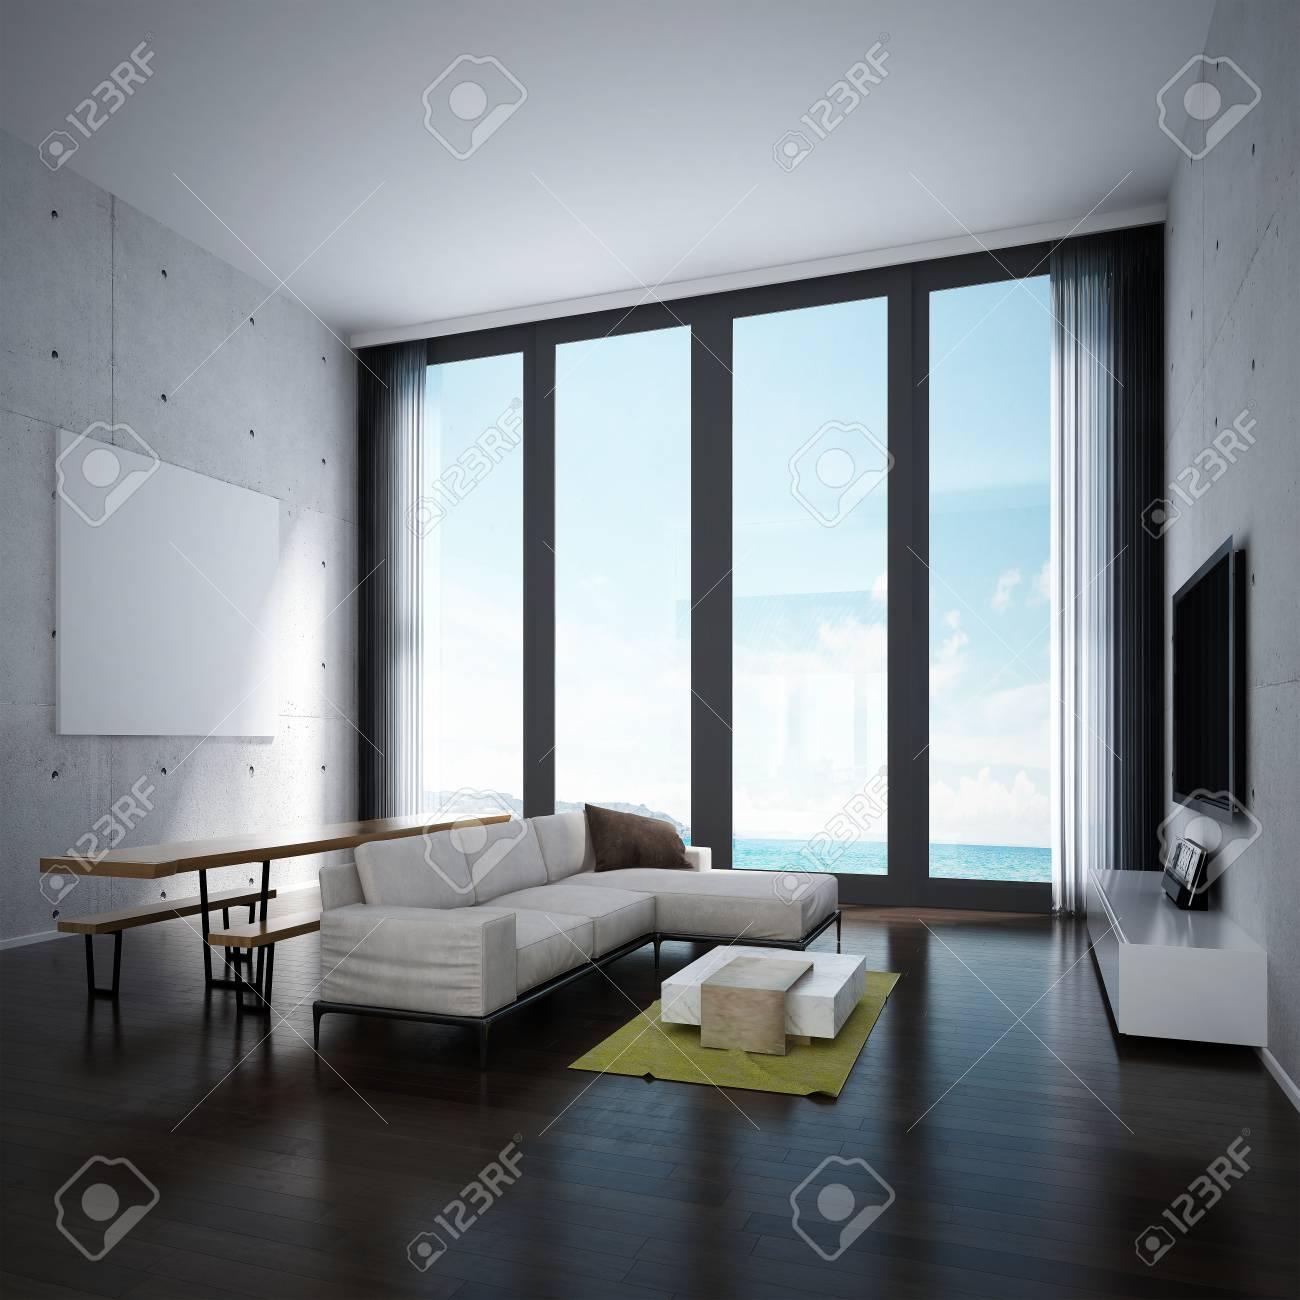 Die Lounge Und Wohnzimmer Und Küche Interior Design Und Betonwand ...